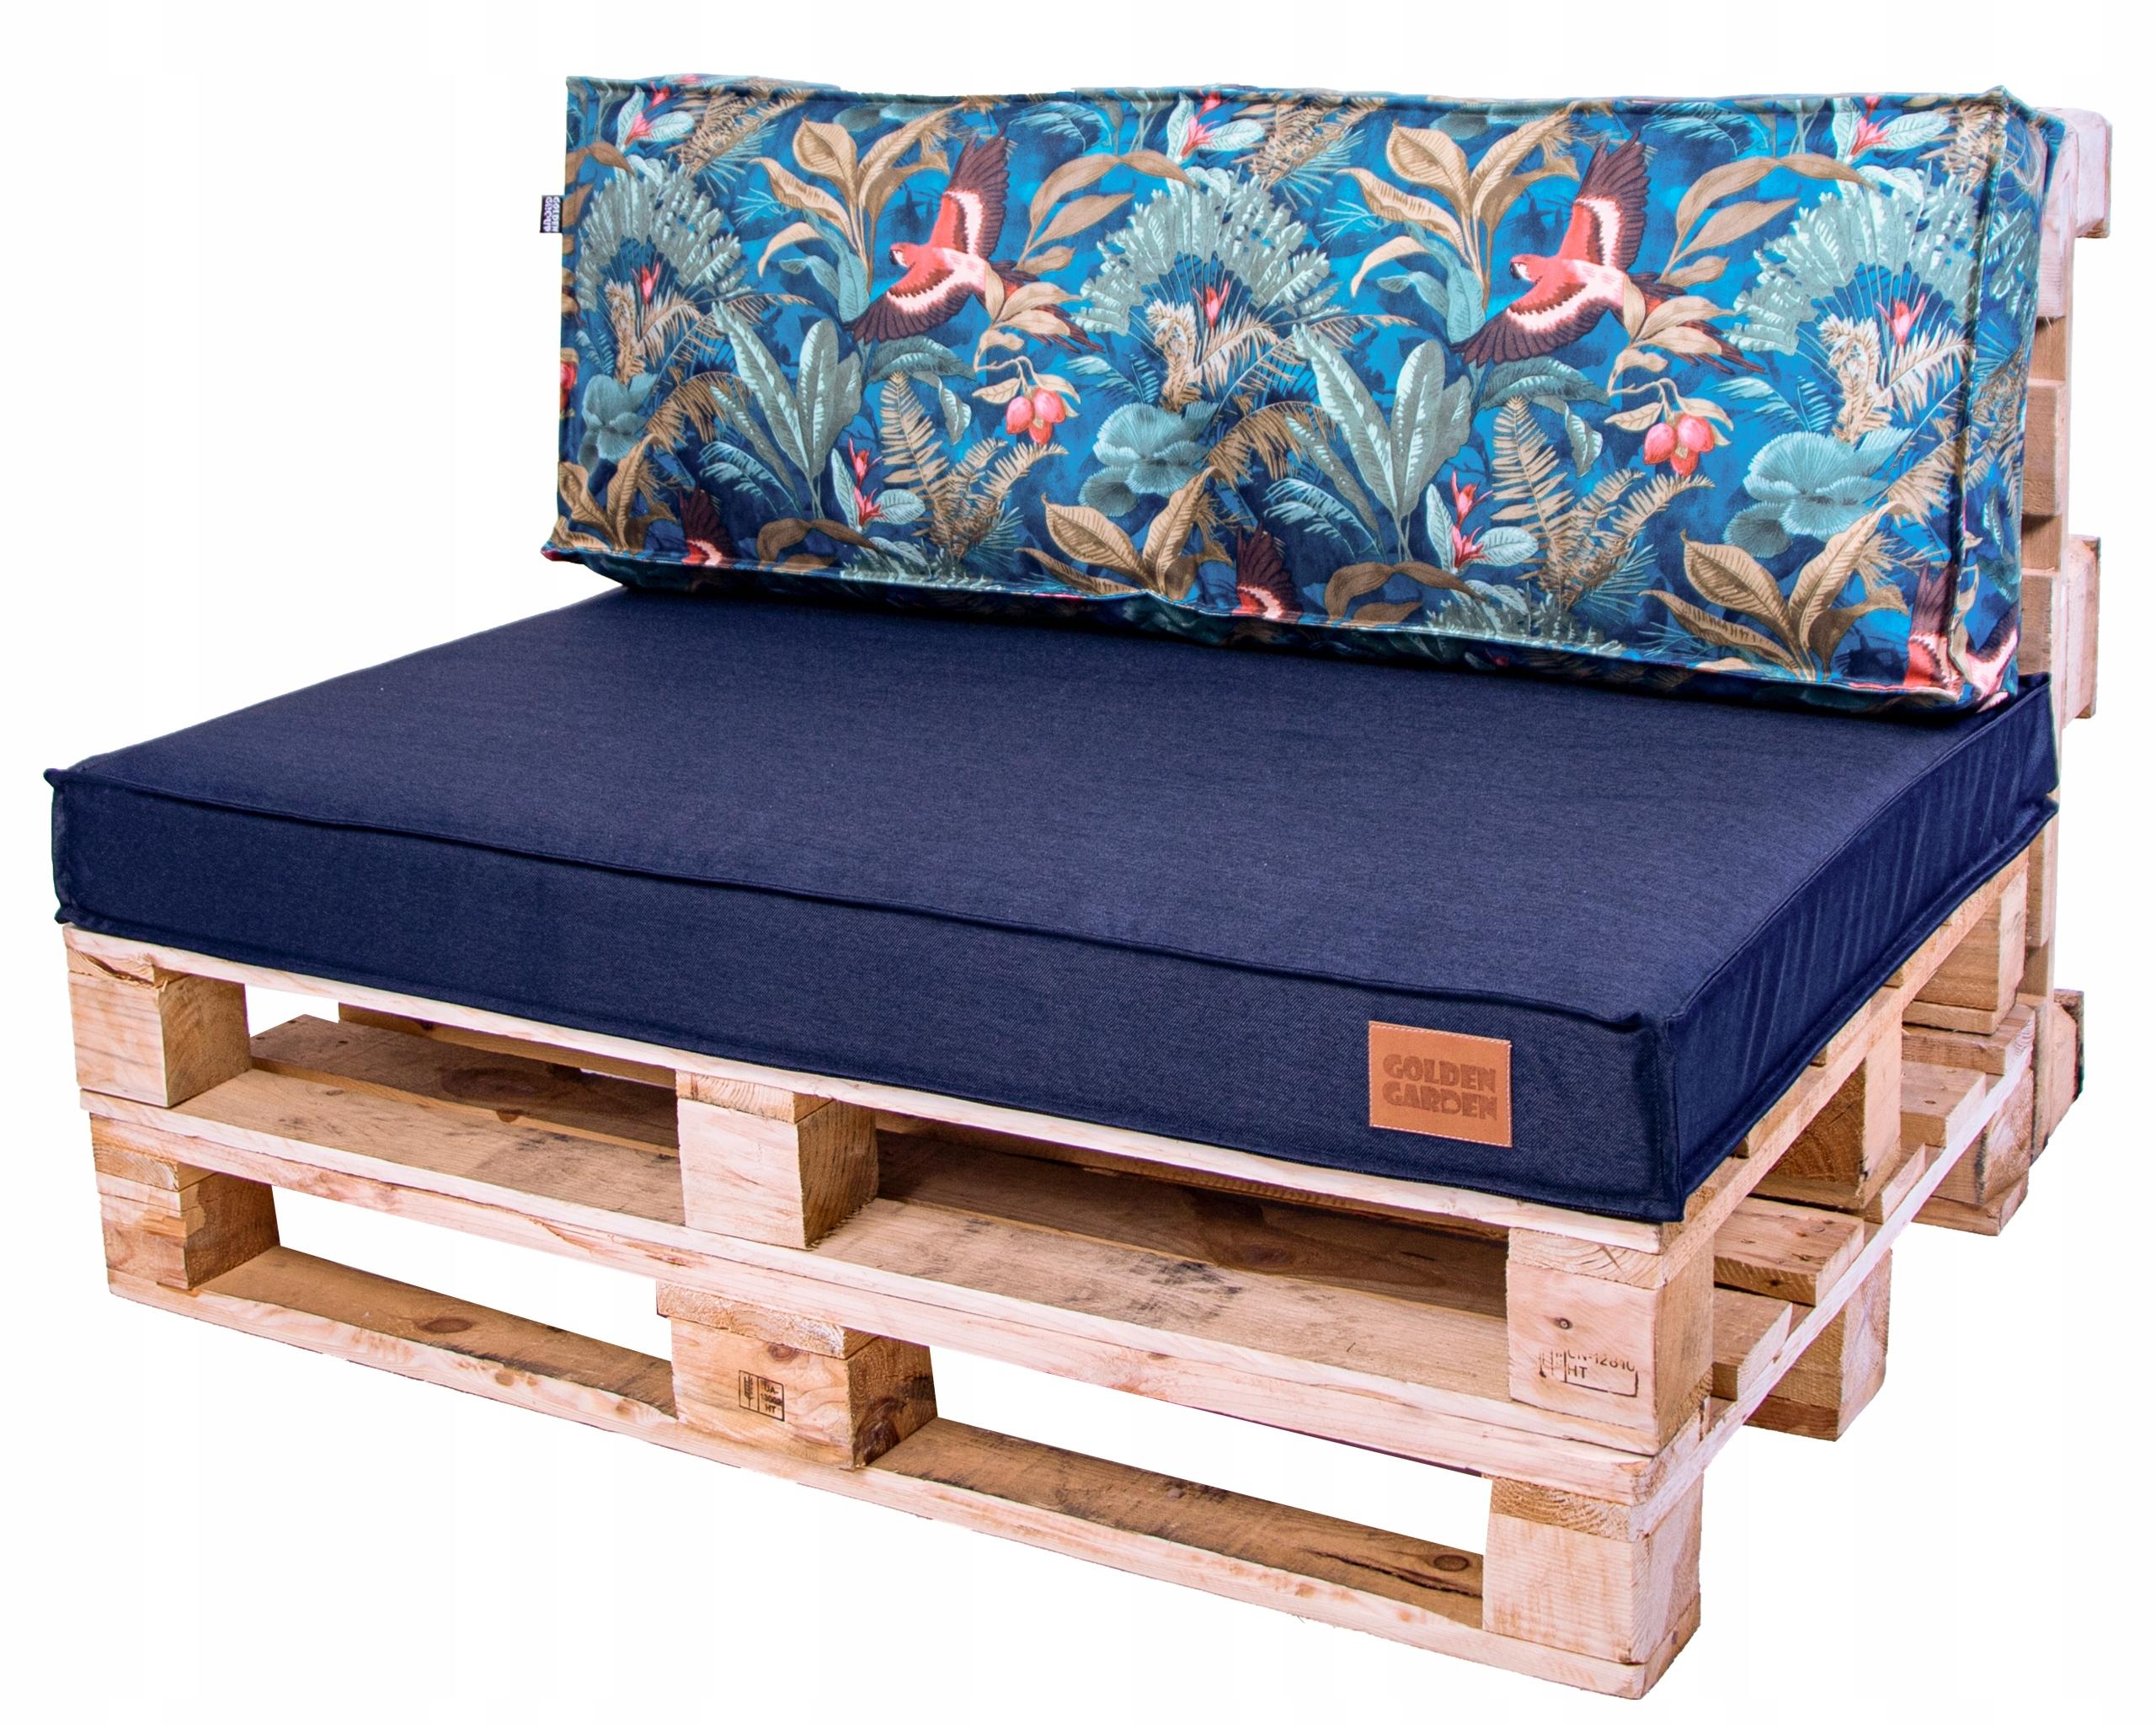 ПОДДОНЫ Садовые подушки для европоддонов 120x80x10